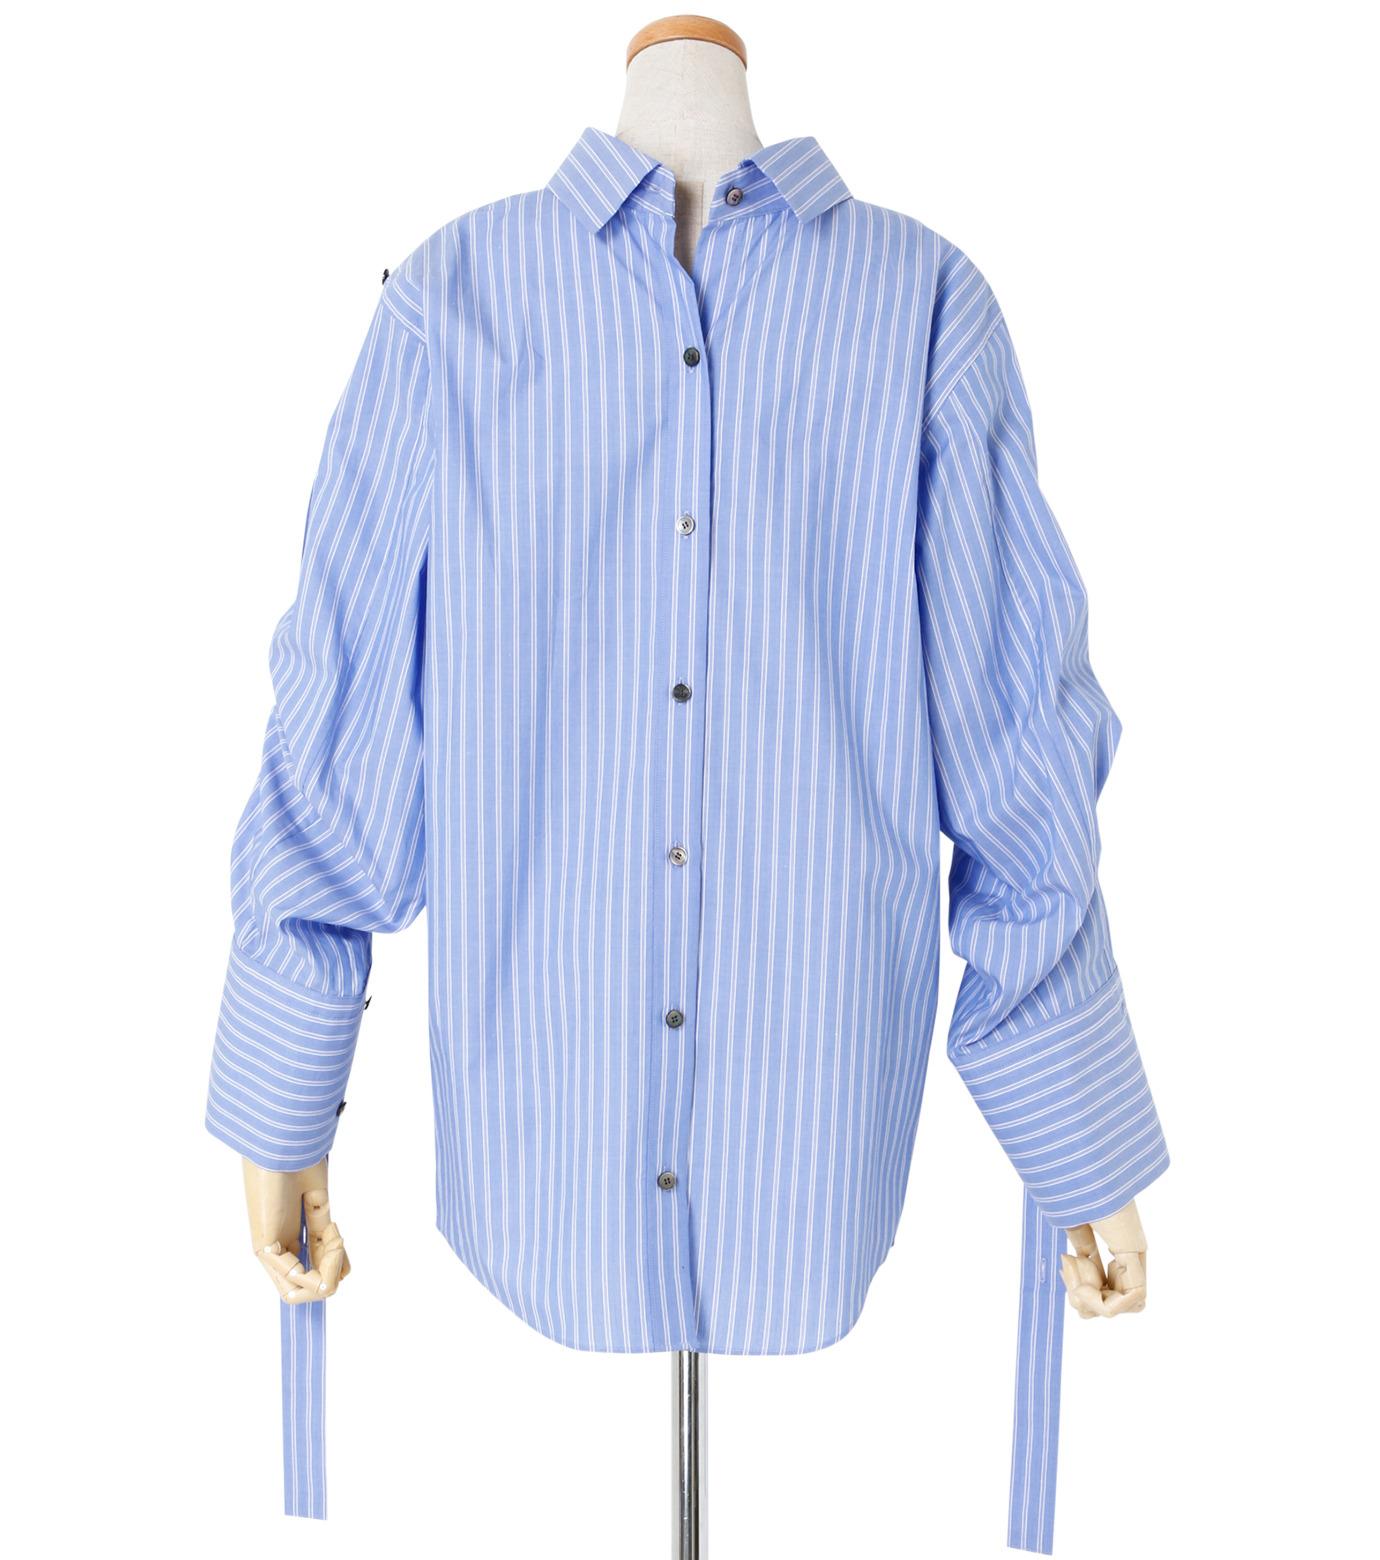 IRENE(アイレネ)のバックワーズシャツ-BLUE(シャツ/shirt)-19S83009 拡大詳細画像3